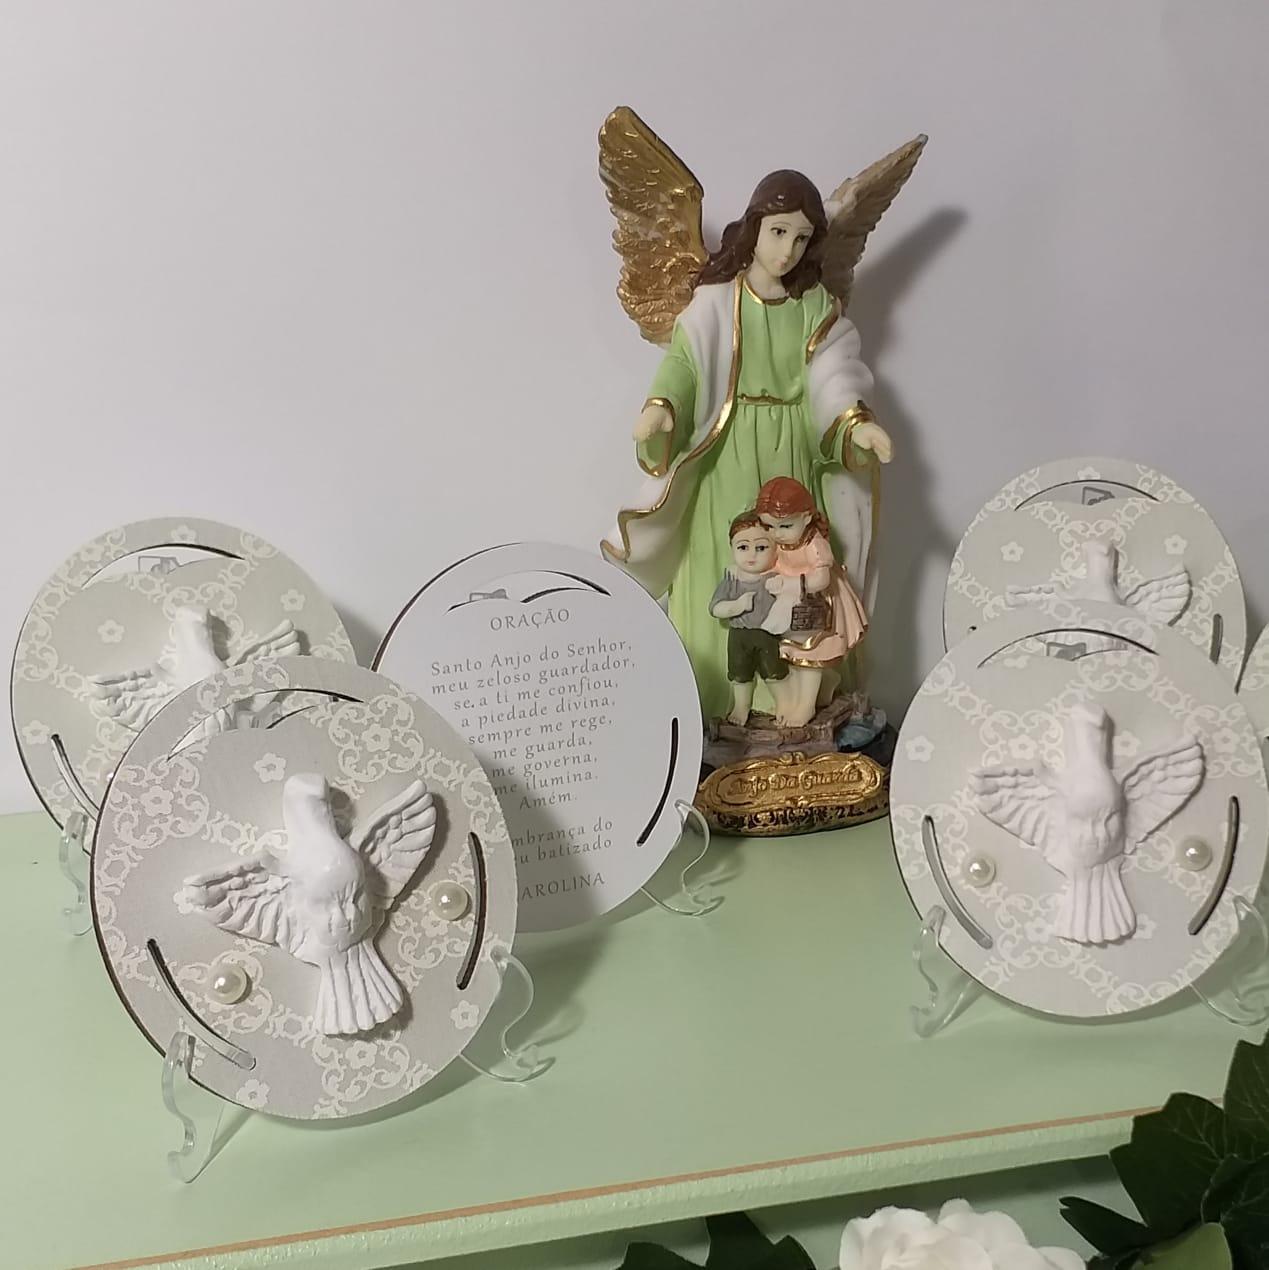 Mandala do Divino Espírito Santo ou Anjo no Pedestal Lembrança Batizado